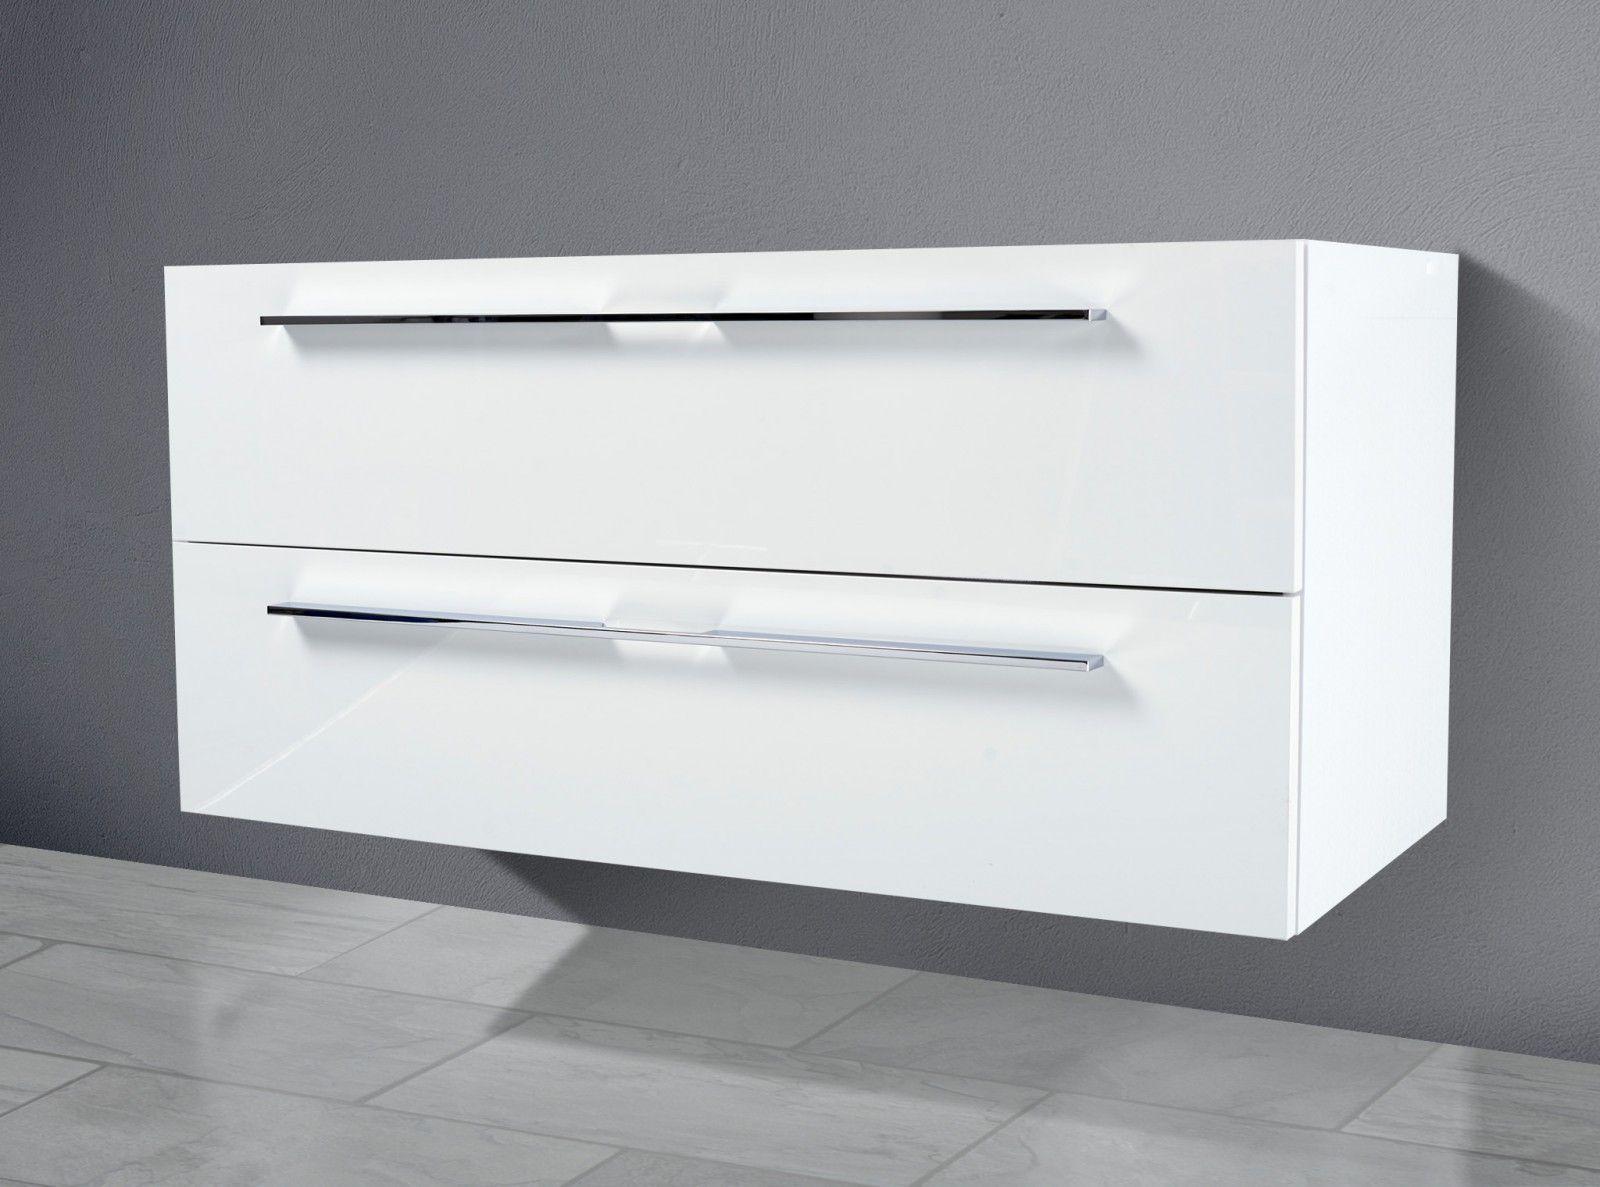 Badunterschrank weiß  Bad Unterschrank Weiß | rheumri.com